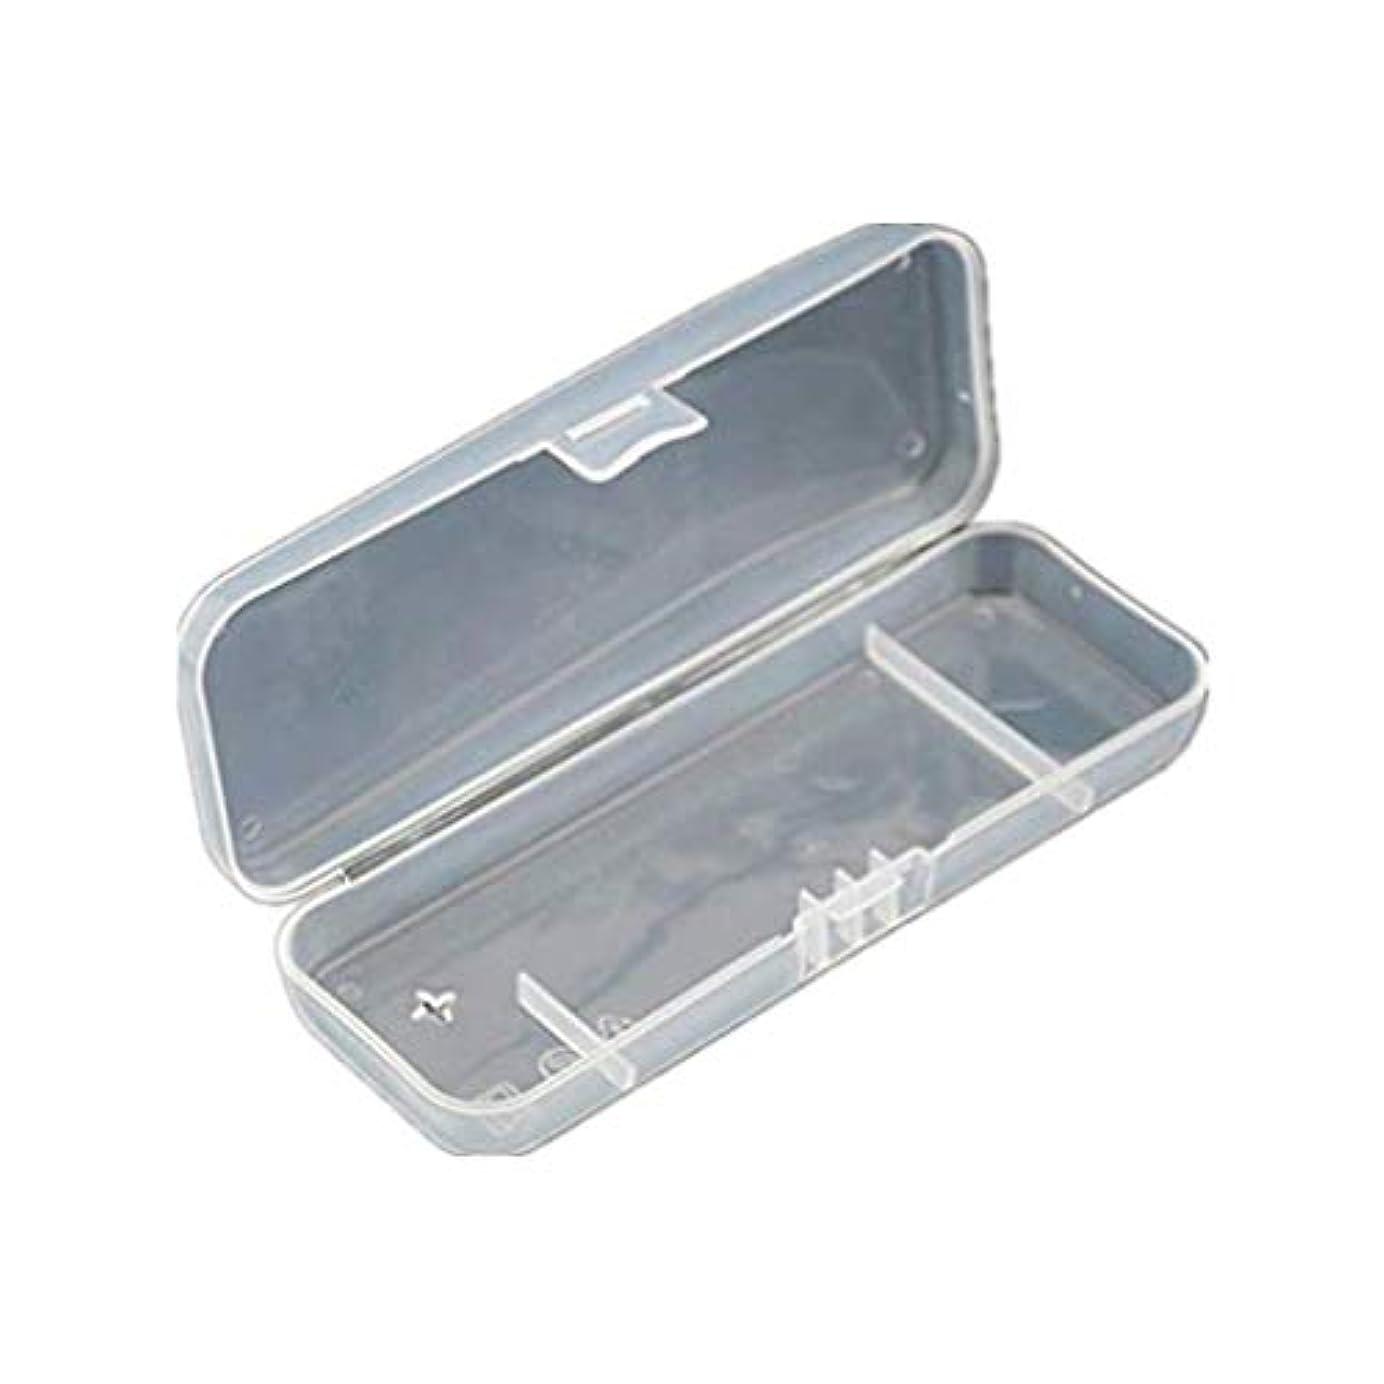 ウール絶妙新着旅行のためのポータブルトラベルABSカバーマニュアルレイザー保護透明ボックスホルダーカバー男性シェービングケース